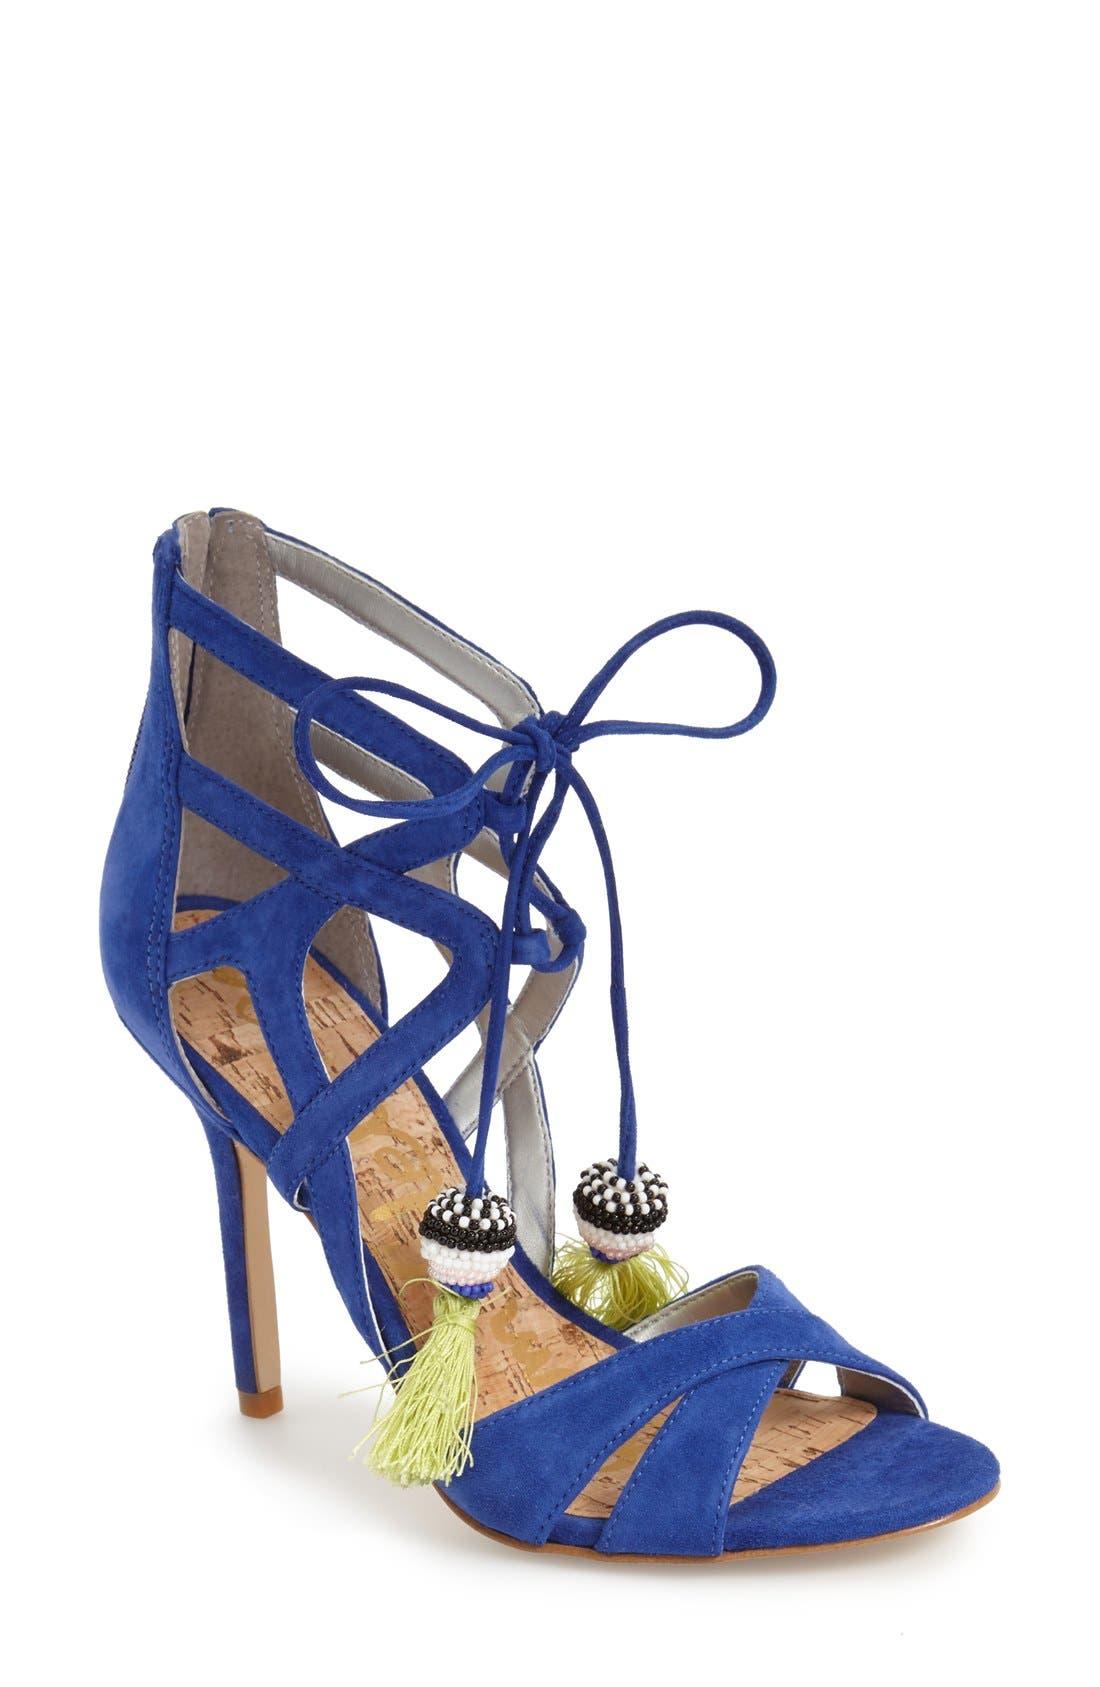 'Azela' Tassel Lace-Up Sandal,                             Main thumbnail 1, color,                             Sailor Blue Suede